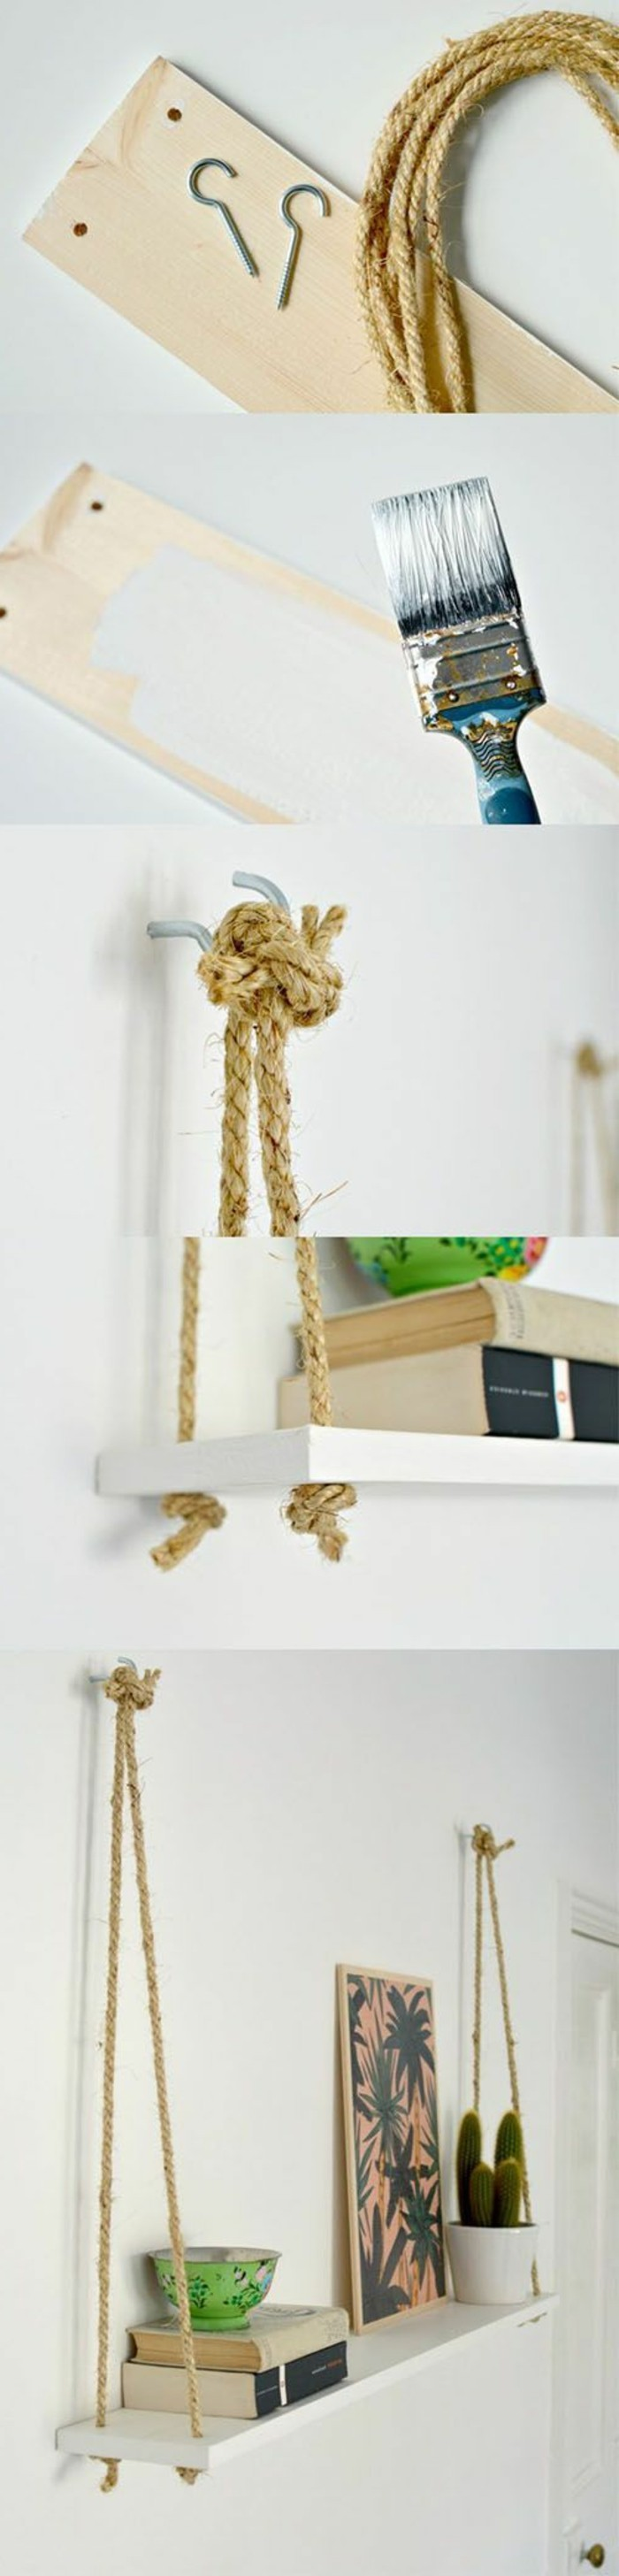 diy ideen f r ihr zuhause die kreativit t kennt keine grenzen. Black Bedroom Furniture Sets. Home Design Ideas